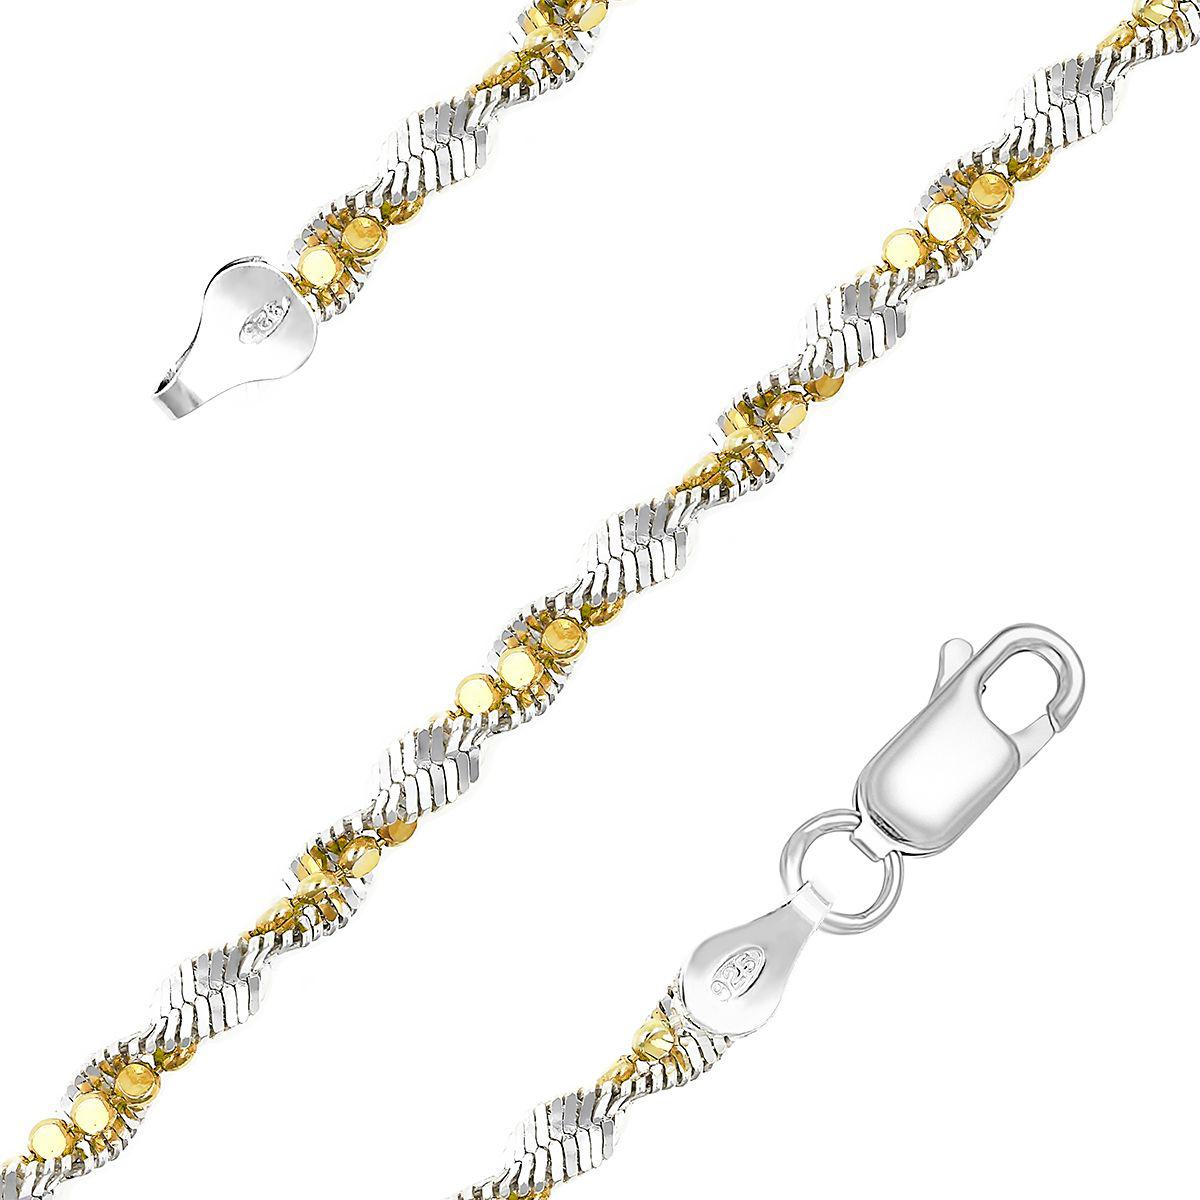 Браслет Серебро России из серебра (4224)